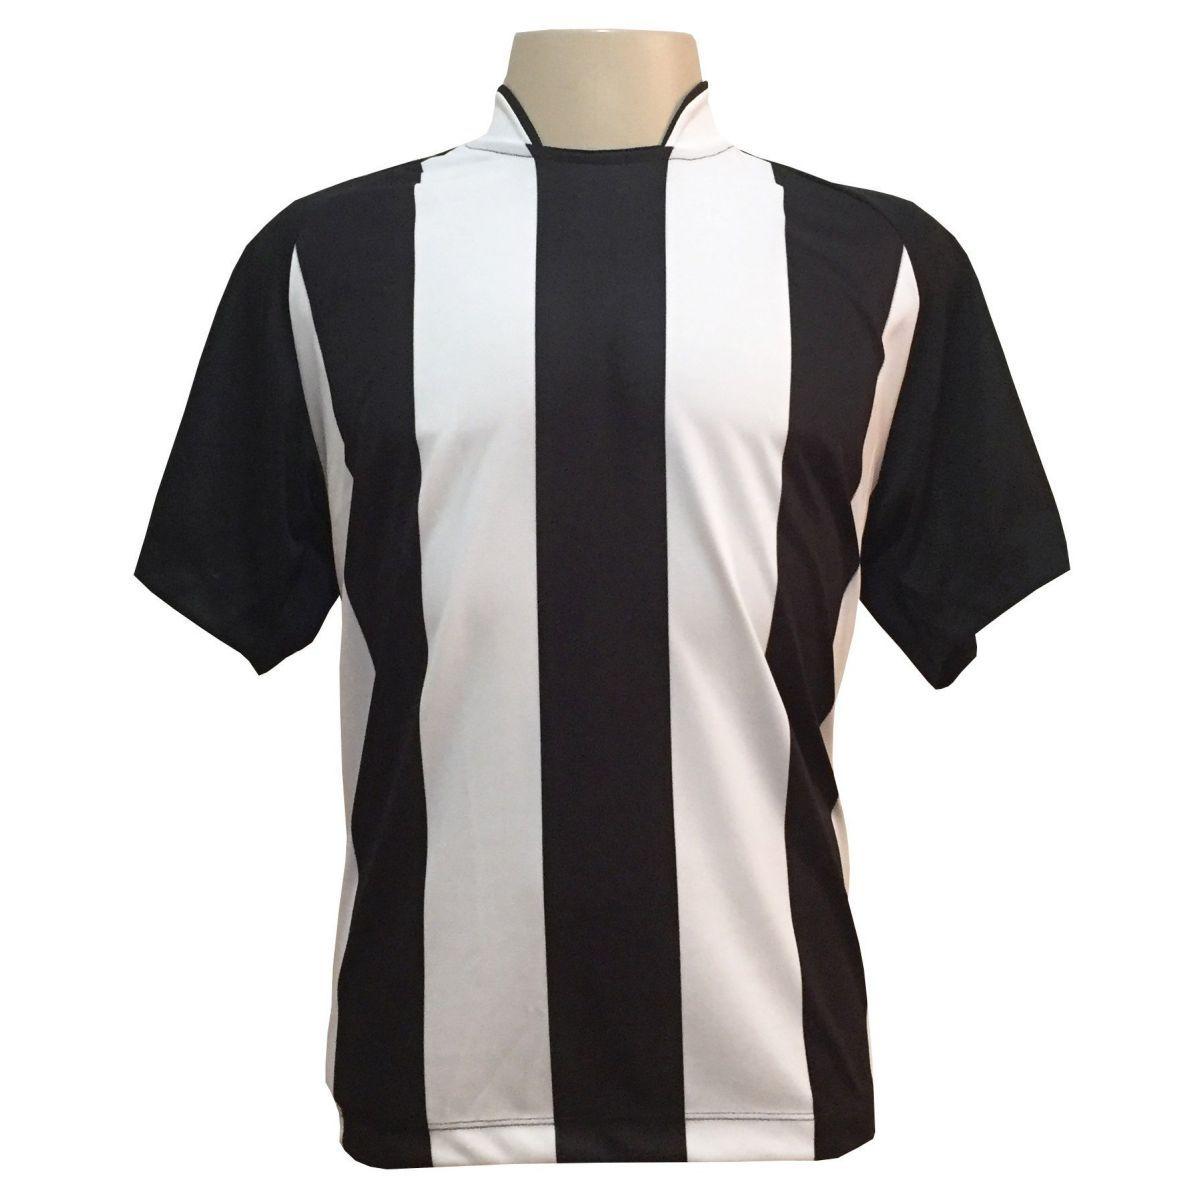 Jogo de Camisa com 12 unidades modelo Milan Preto/Branco + 1 Camisa de Goleiro